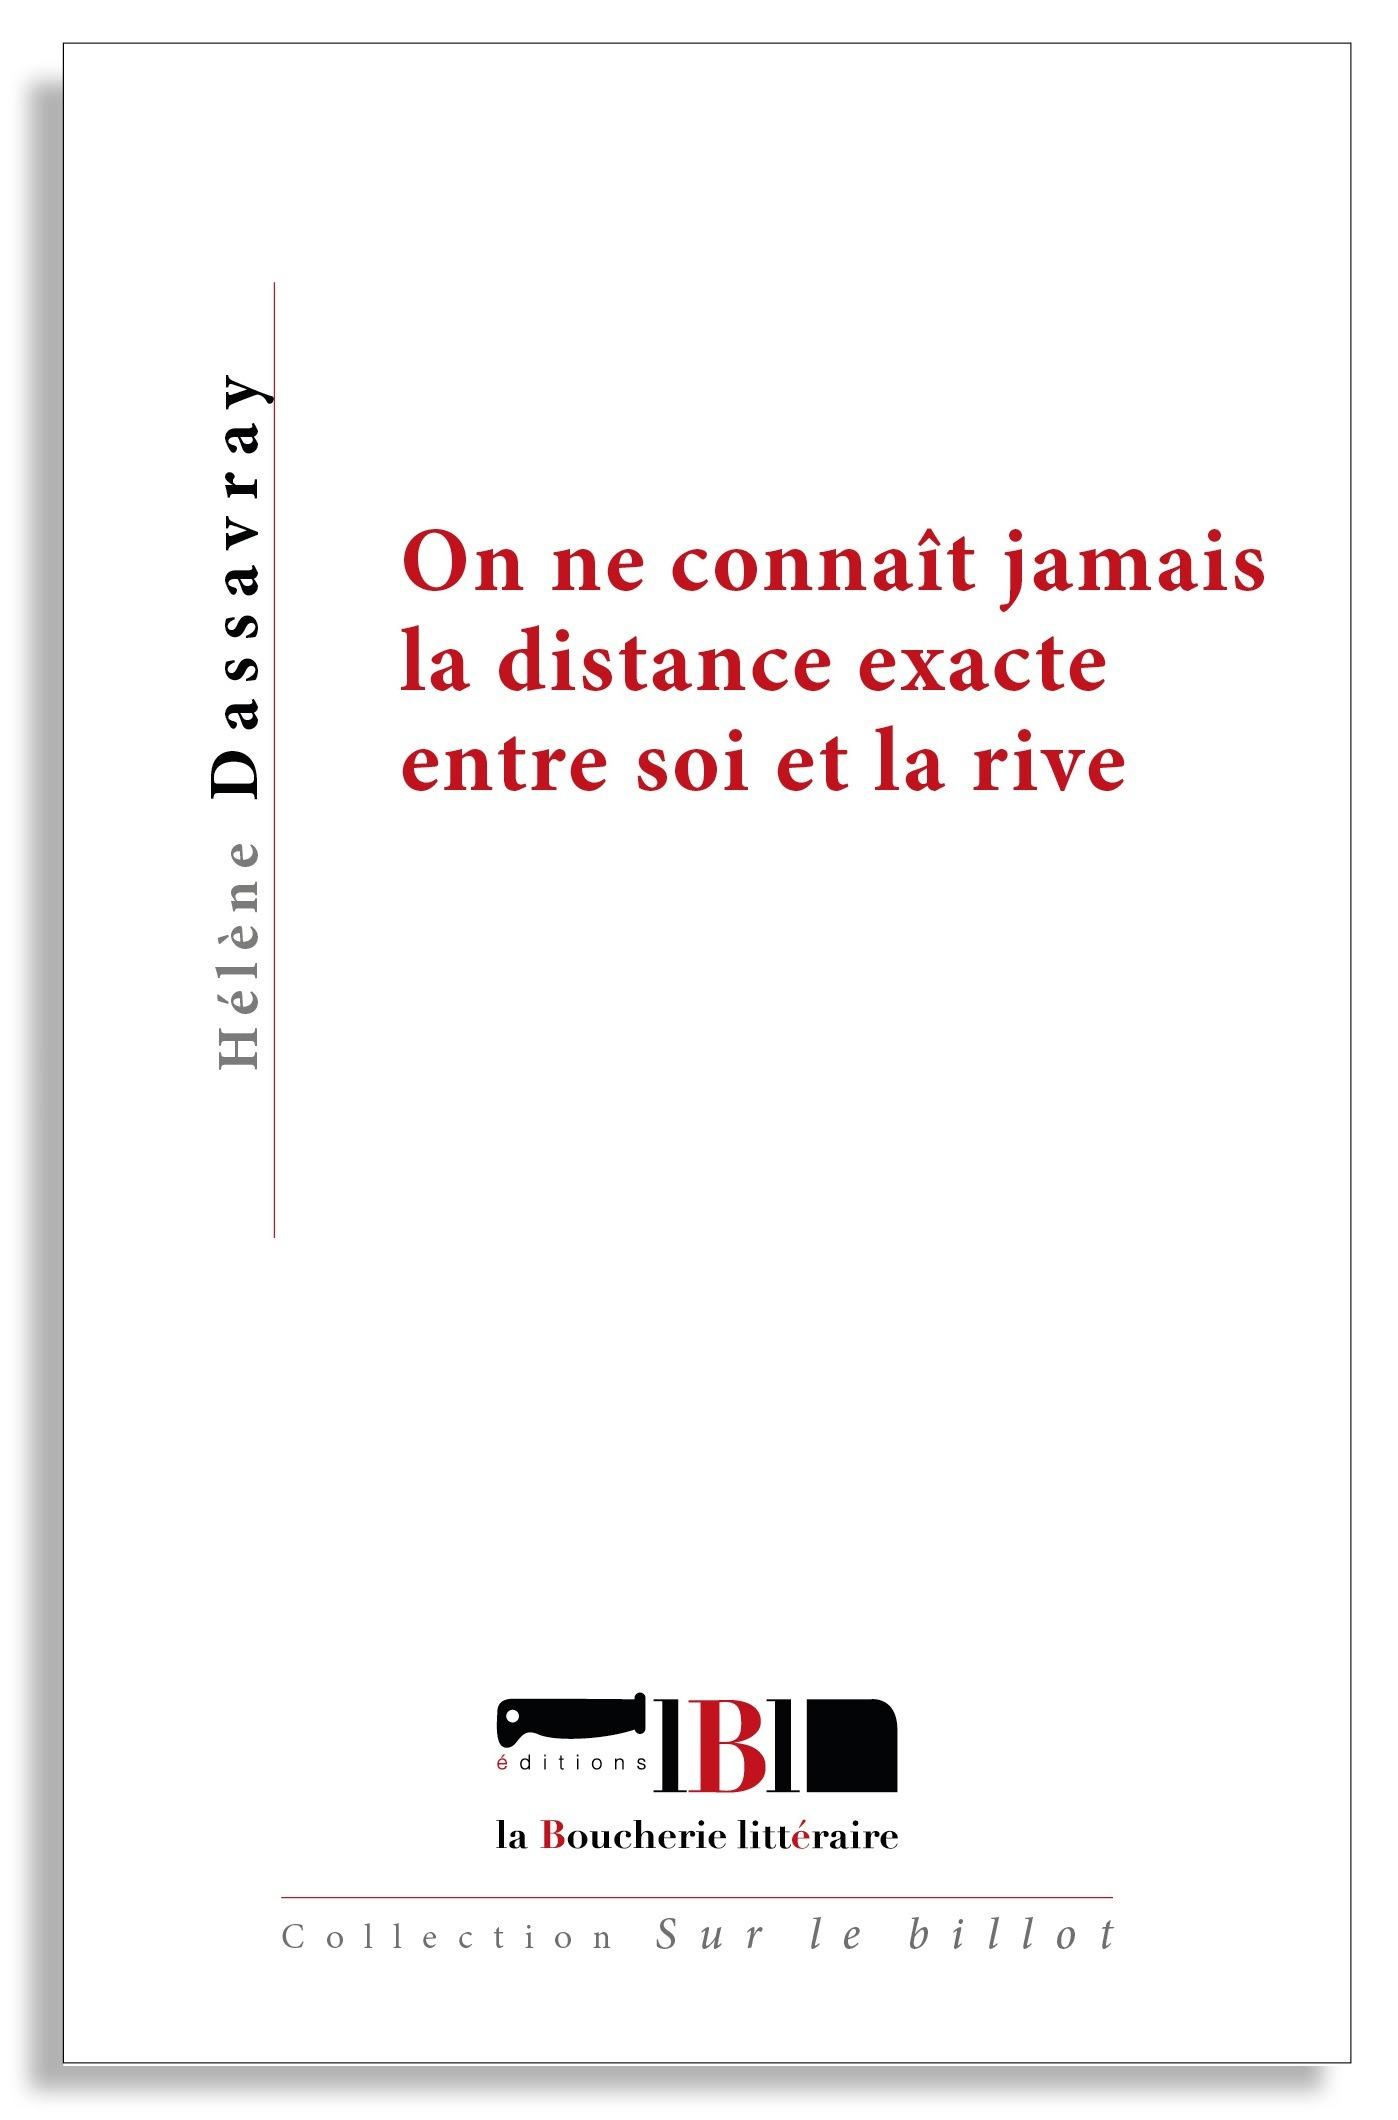 ON NE CONNAIT JAMAIS LA DISTANCE EXACTE ENTRE SOI ET LA RIVE